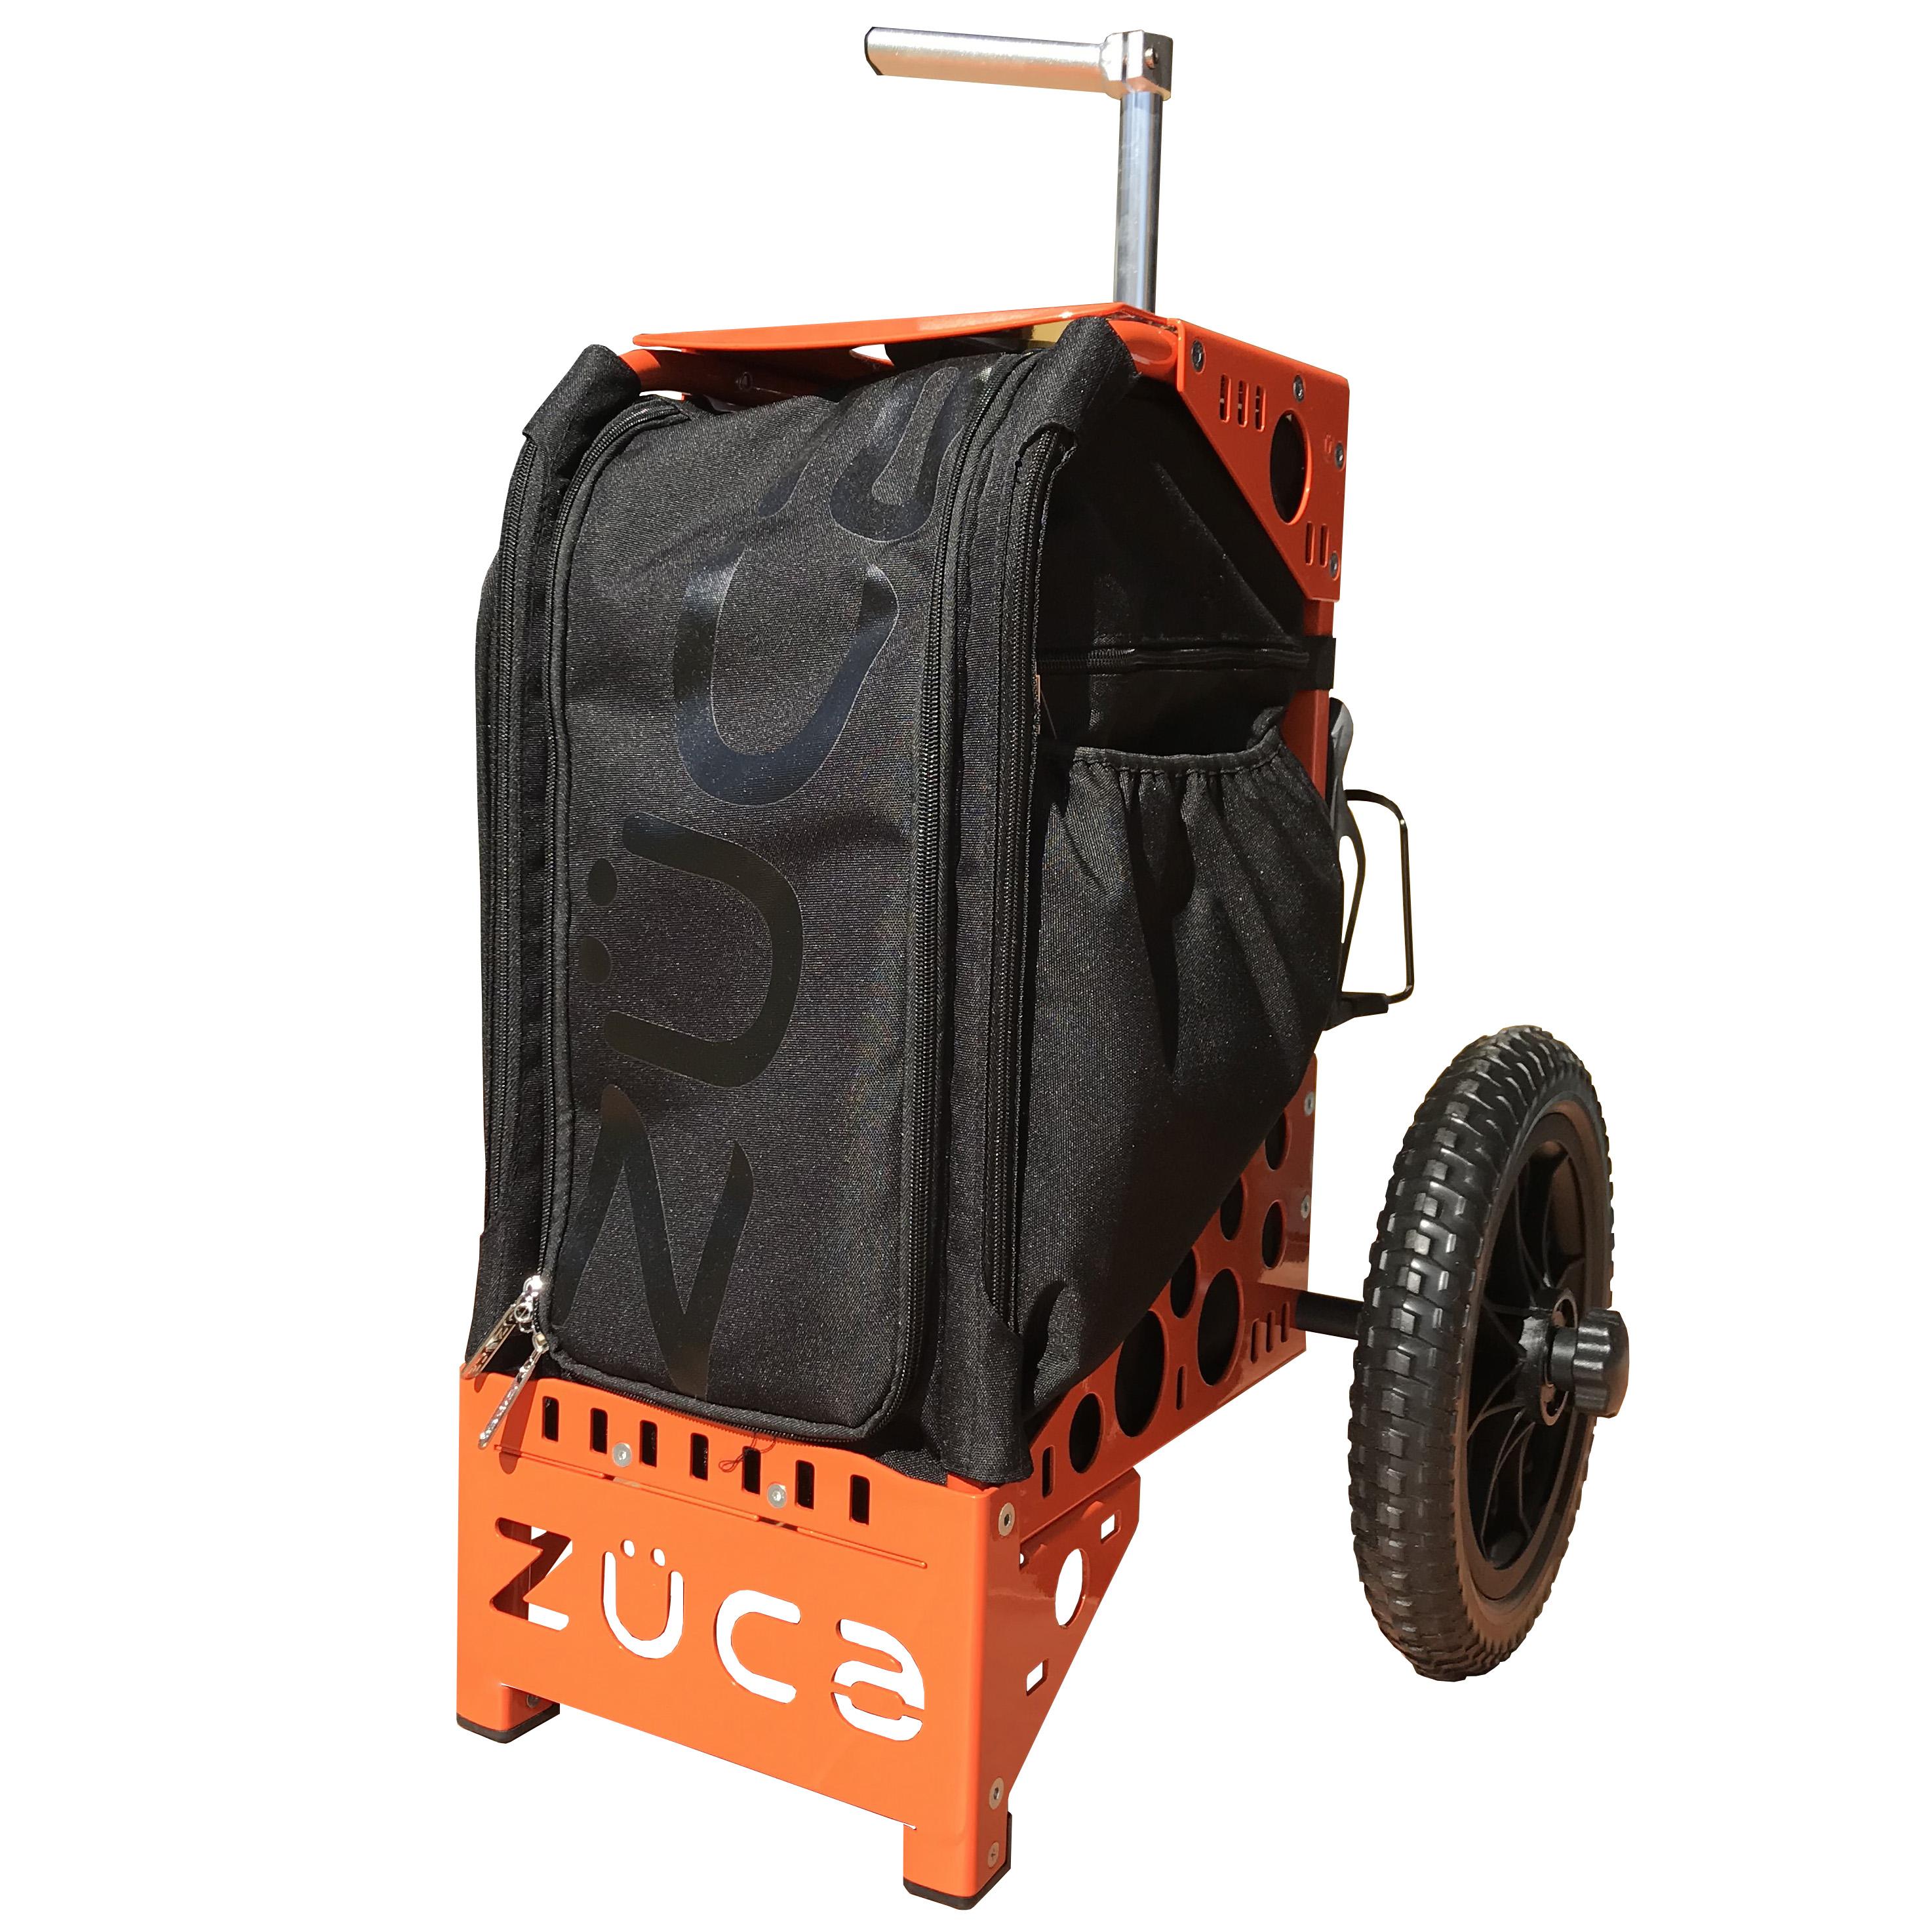 ZUCA(ズーカ) ディスクゴルフカート